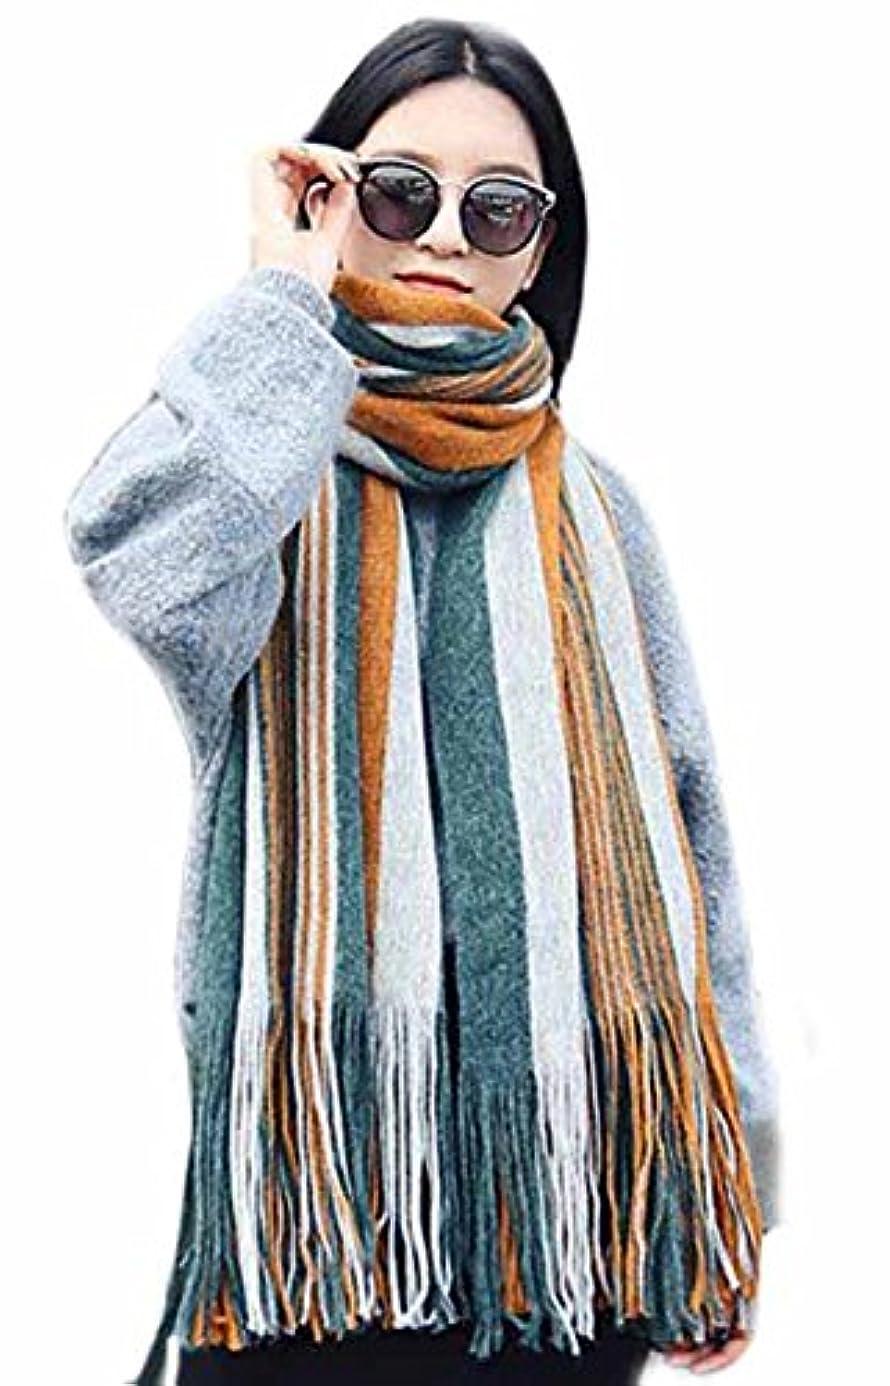 ご近所拒絶パーフェルビッドtopmodelss レディース ロングマフラー 秋冬 厚手 柔らかい スカーフ バイカラー タッセル ストライプ 大判 スヌード 韓国風 ふんわり 暖かい ニットマフラー 防寒 肌触りのいい